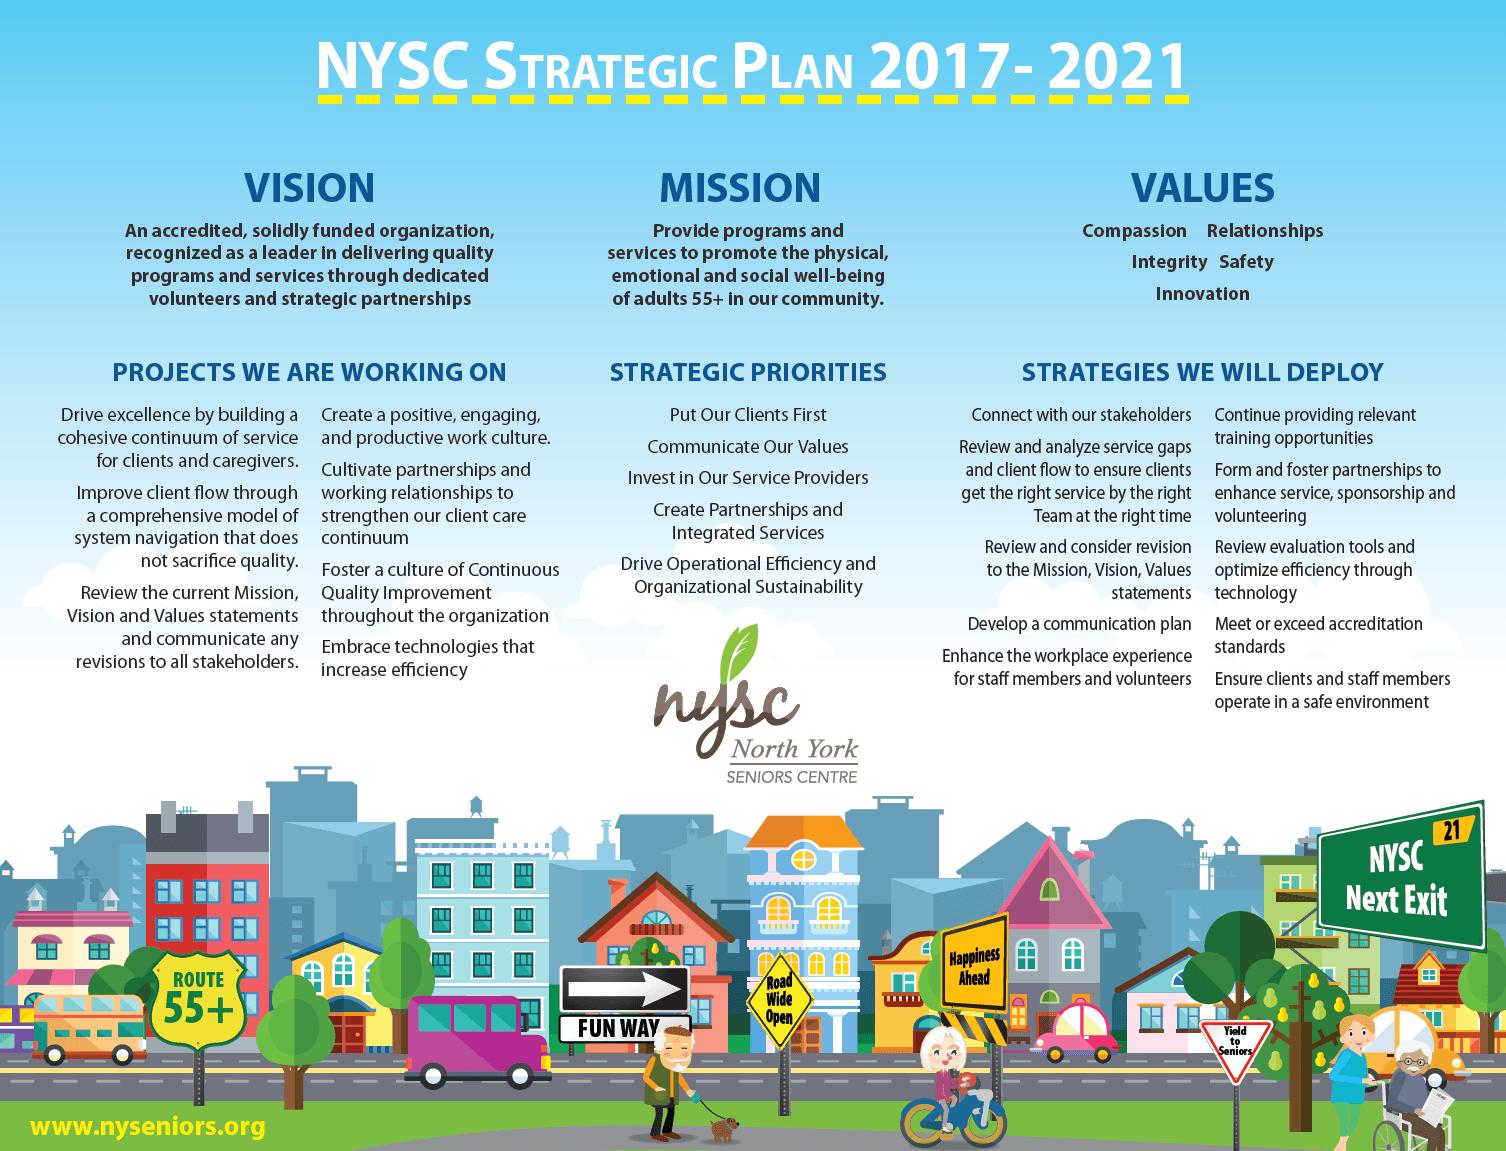 Strat Plan 2017 to 2021